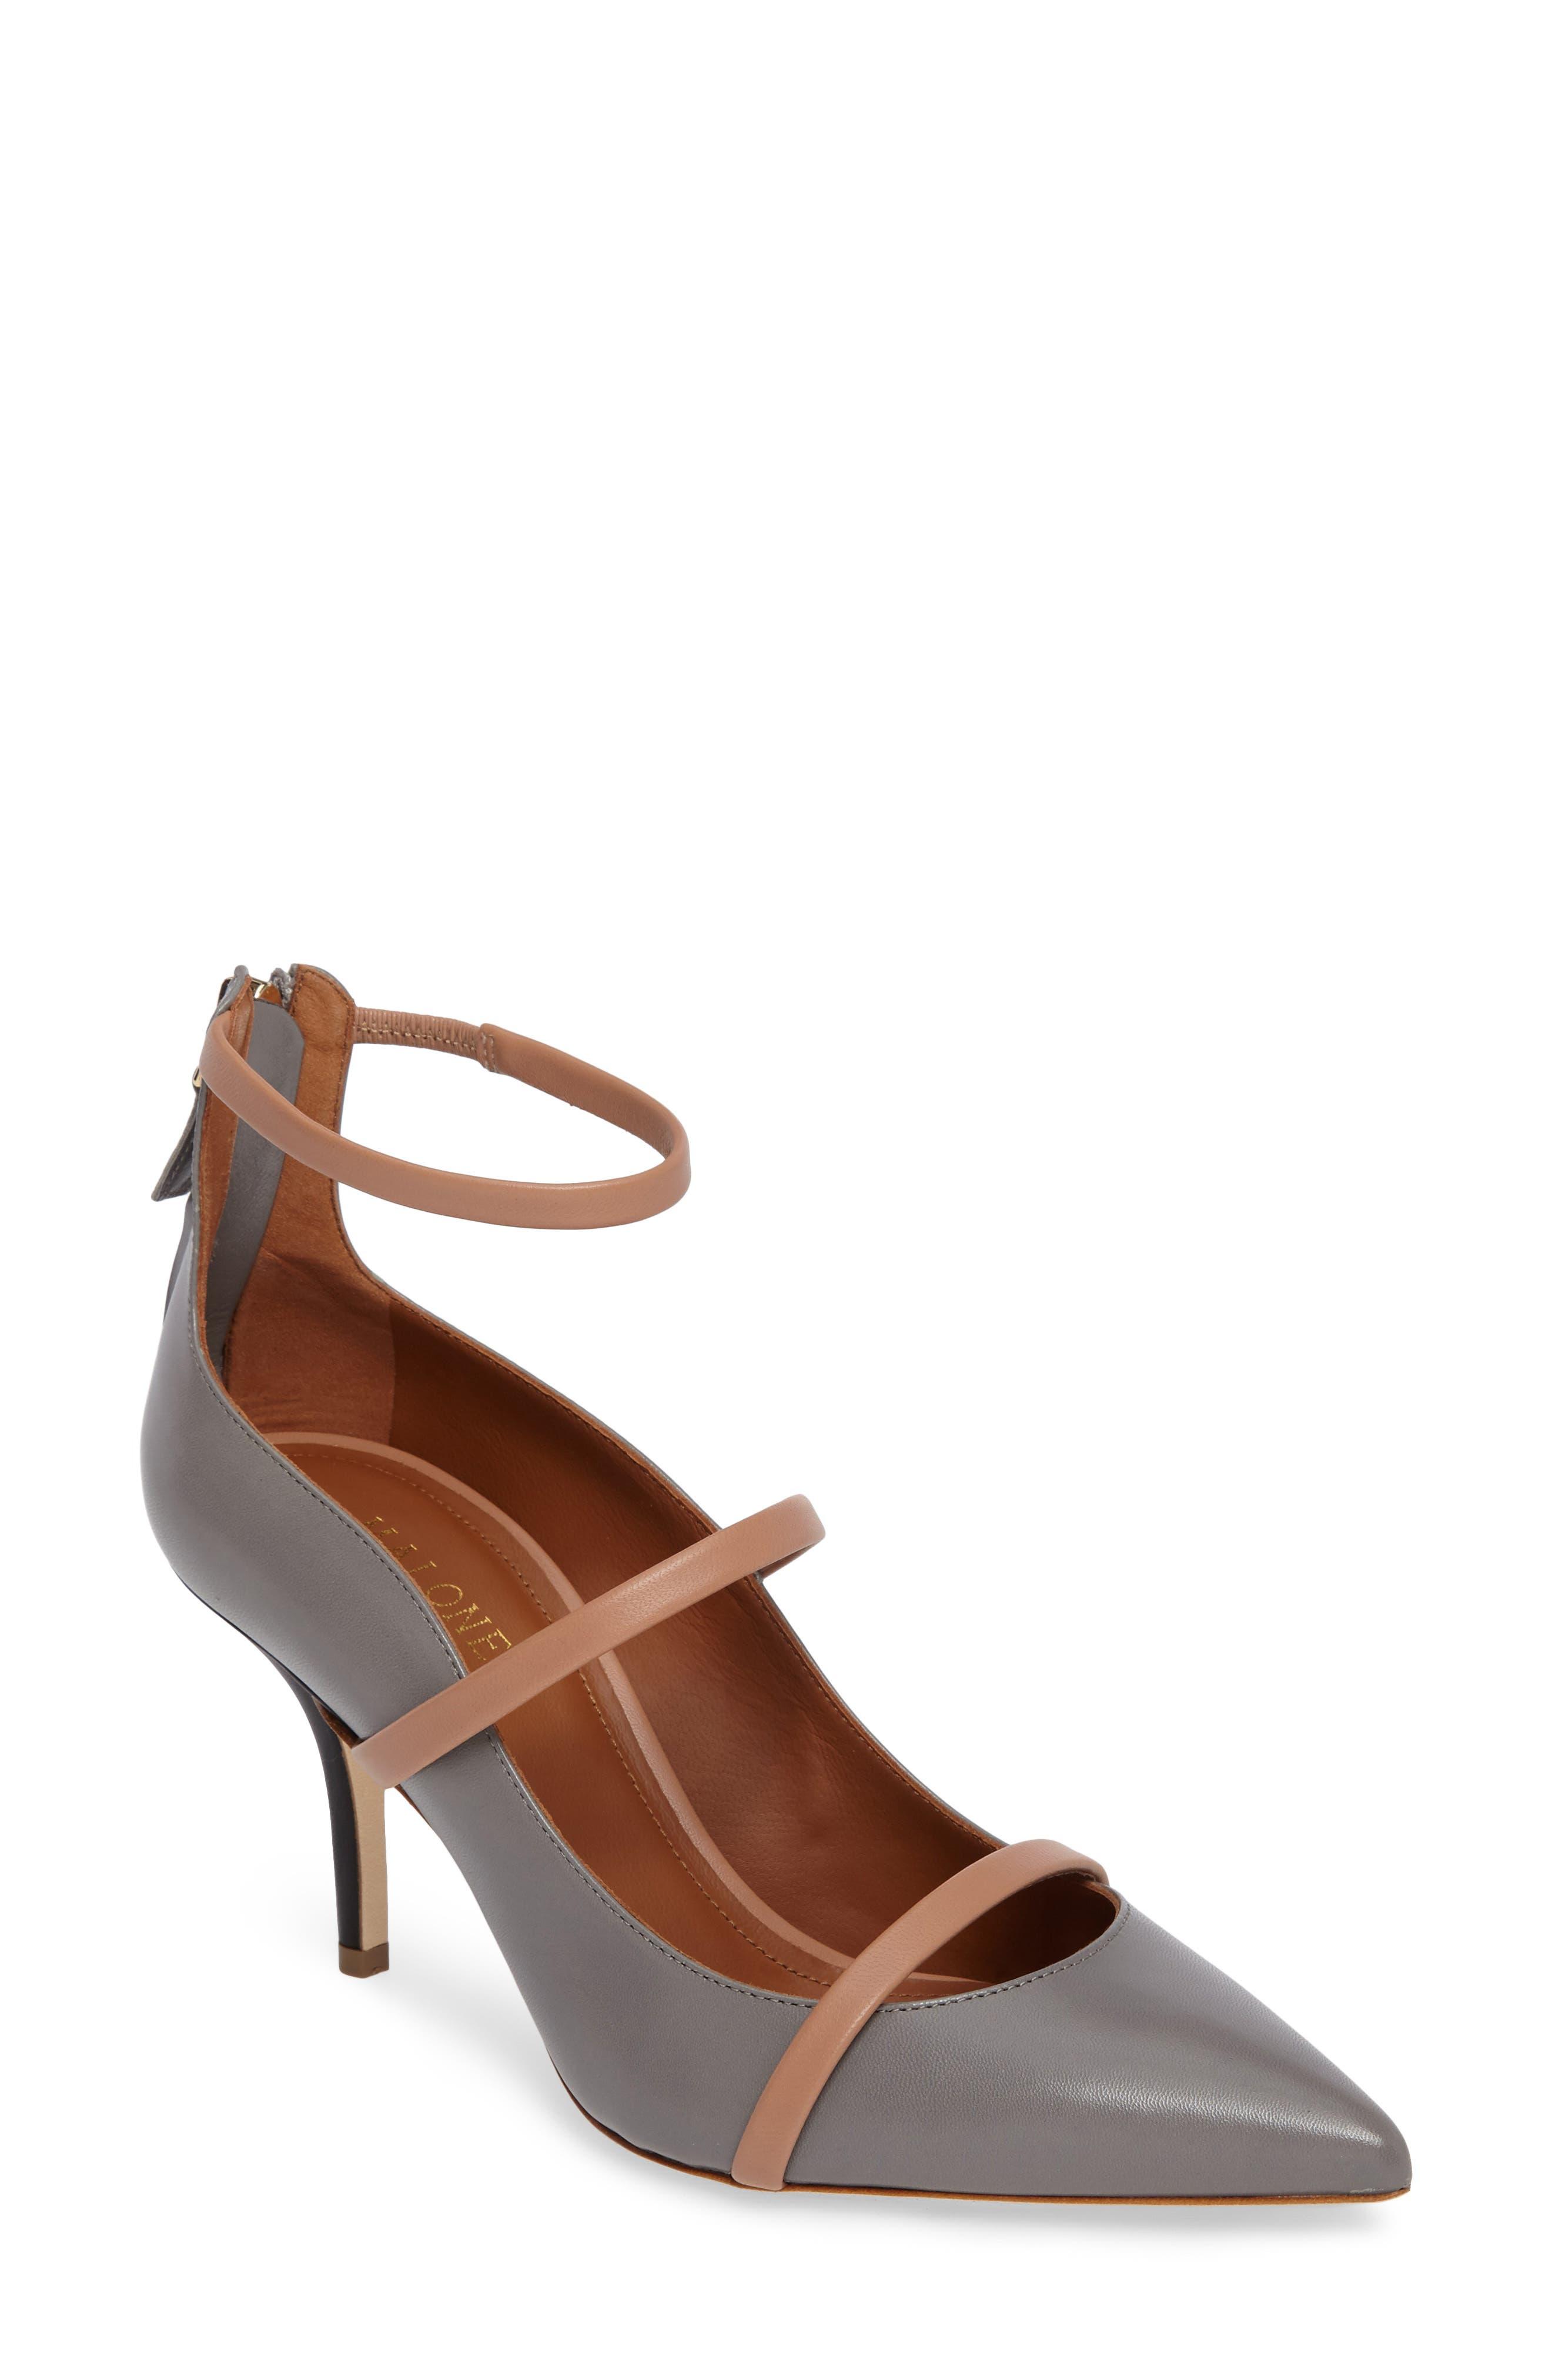 Malon Souliers Robyn Ankle Strap Pump (Women)